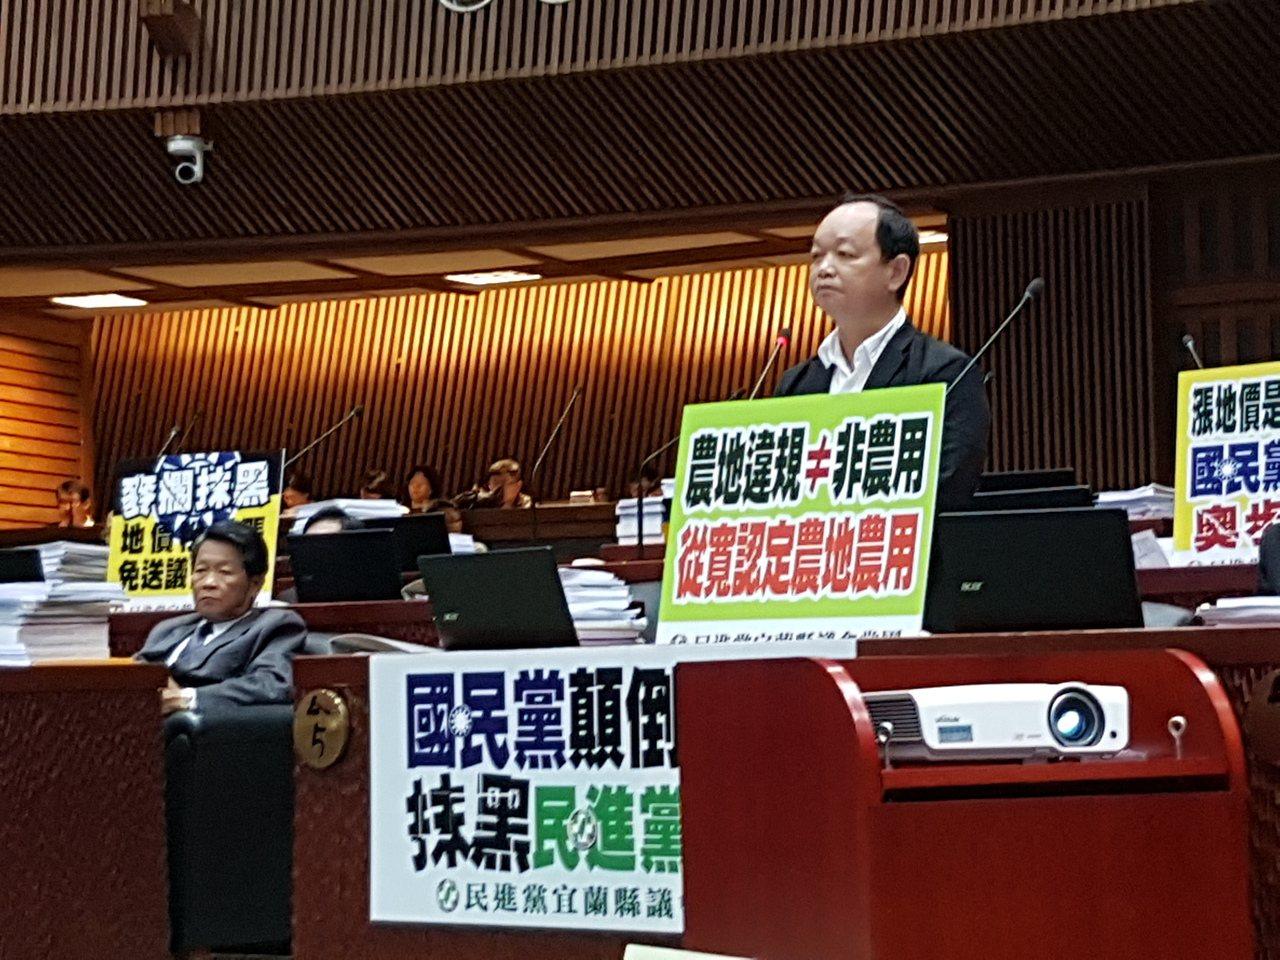 民進黨團今天在議會質詢立牌,對國民黨顛倒是非表達不滿。記者吳佩旻/攝影